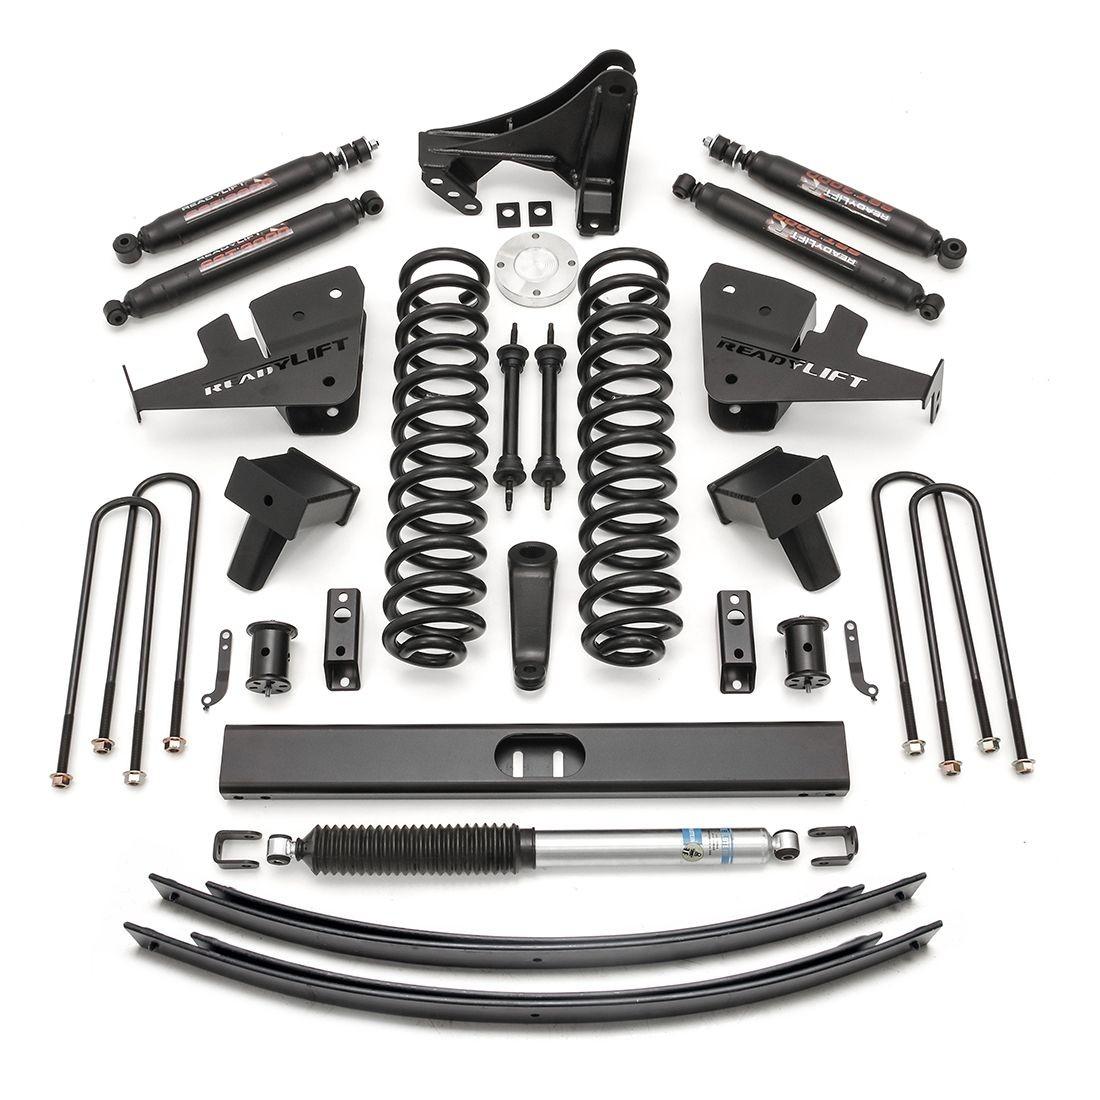 """ReadyLift 8"""" Lift Kit W/ SST3000 Shocks - 2017-2018 Ford Super Duty SRW 4WD 1 PC Drive Shaft"""